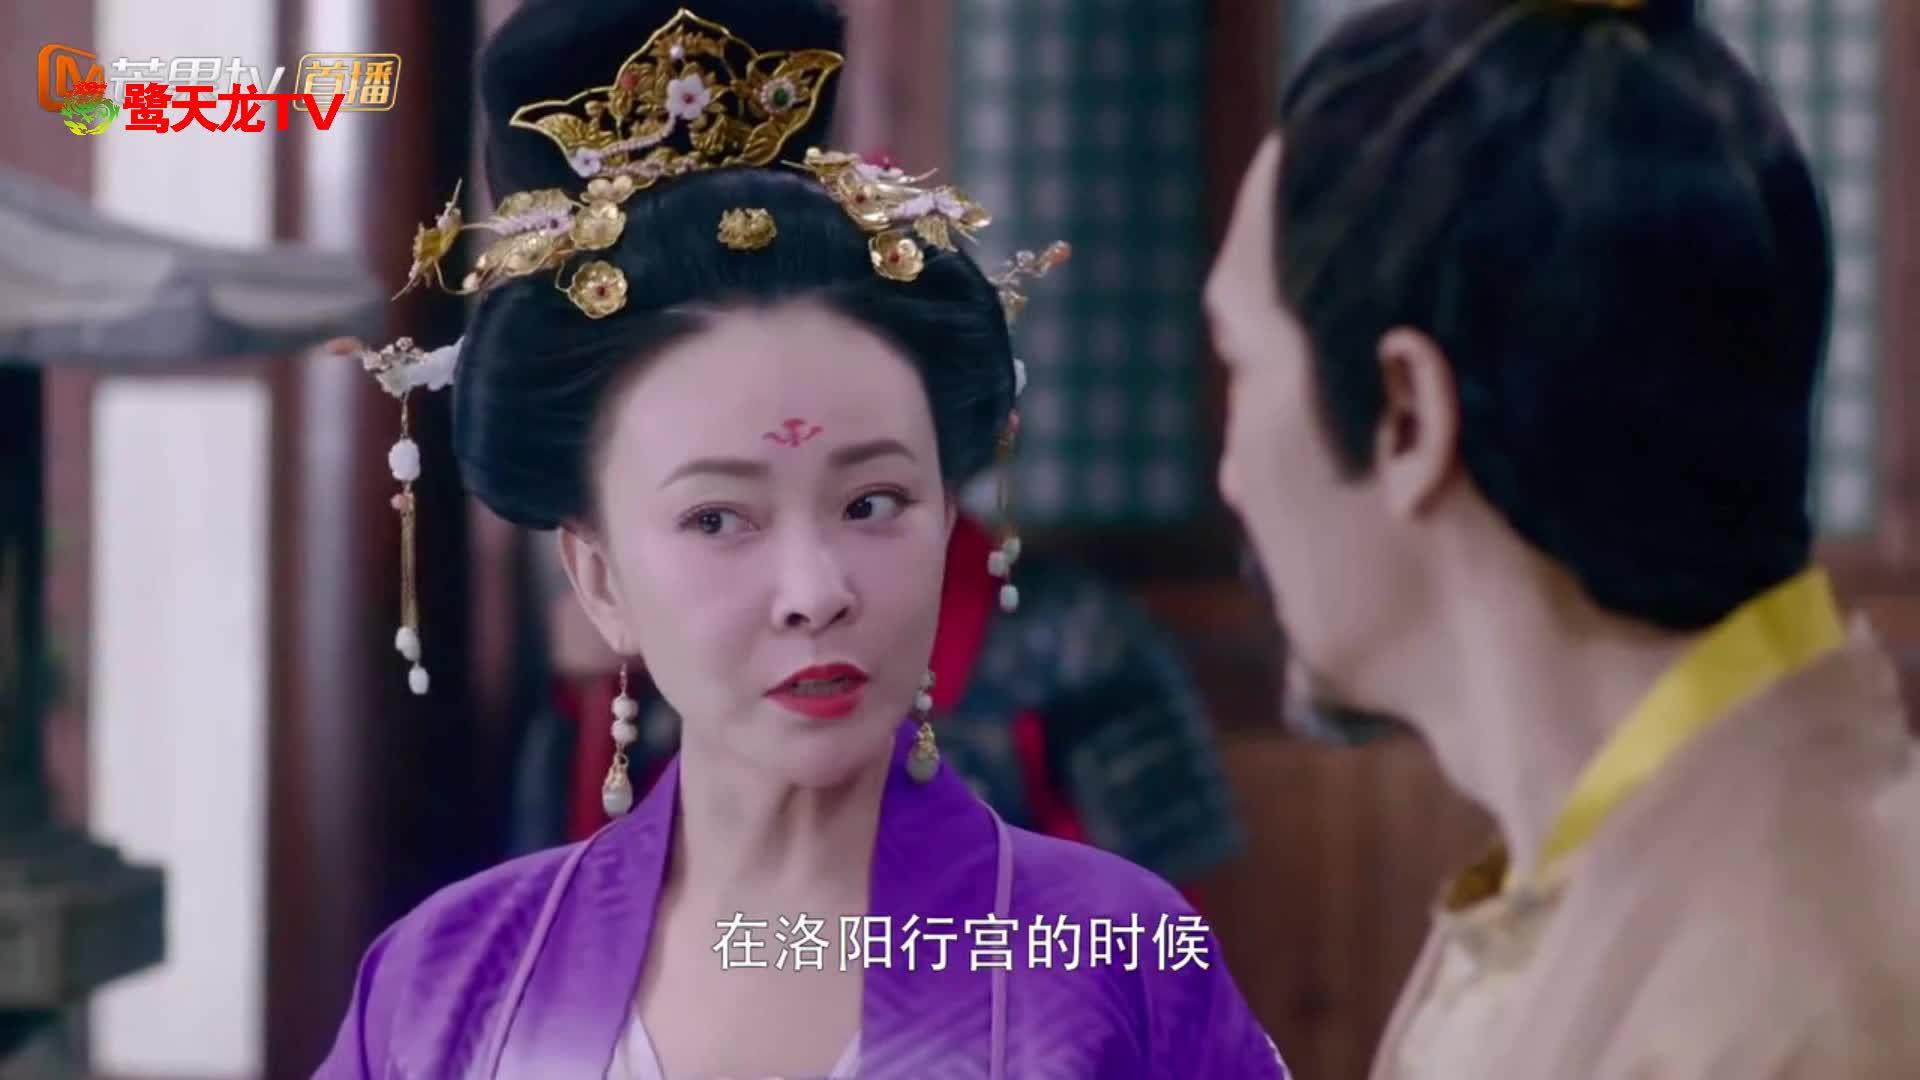 皇后带人捉奸欲治罪沈珍珠 李婼为救嫂嫂称与默延啜有染